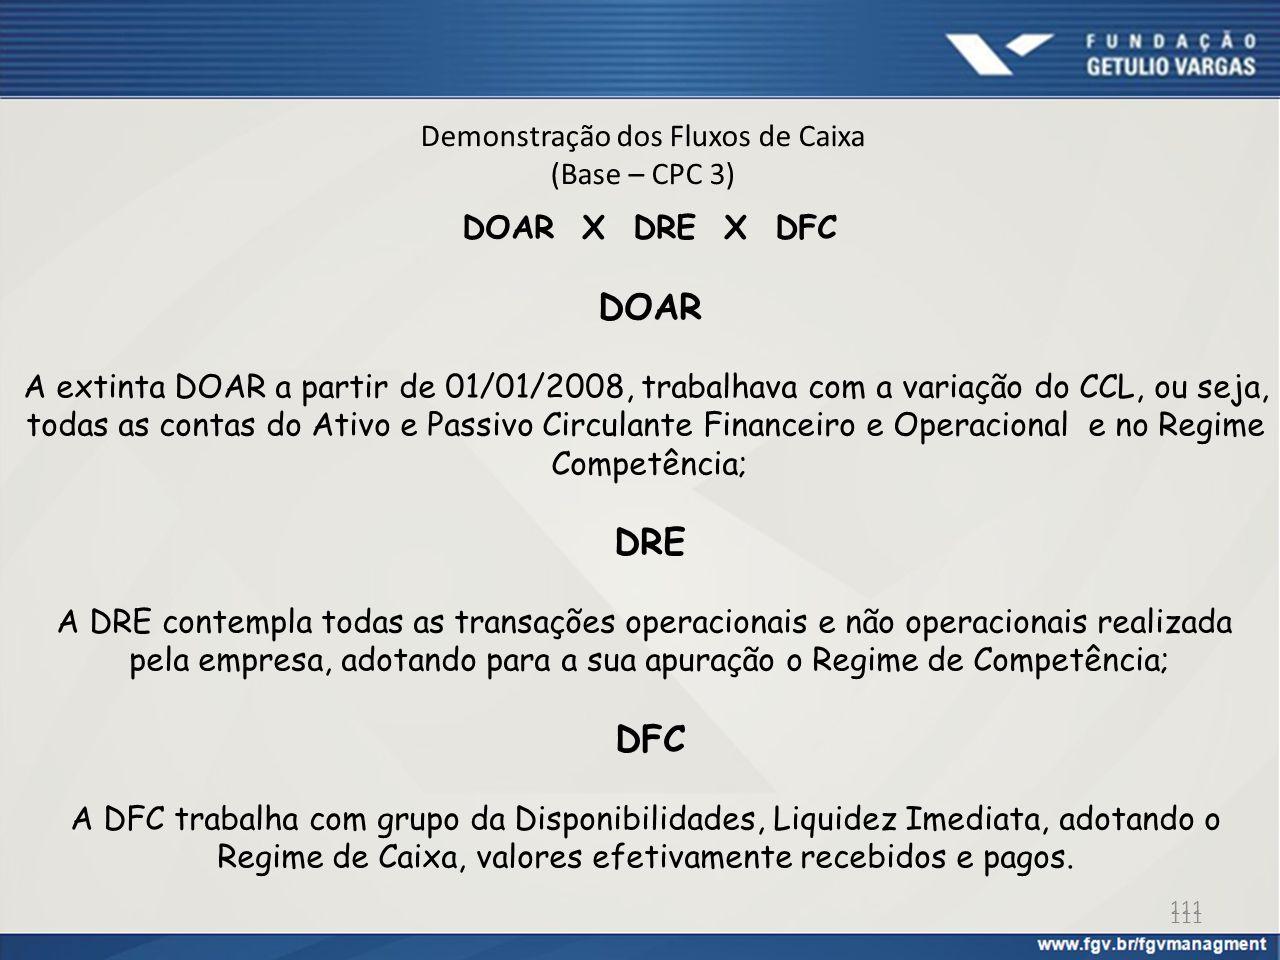 Demonstração dos Fluxos de Caixa (Base – CPC 3) DOAR X DRE X DFC DOAR A extinta DOAR a partir de 01/01/2008, trabalhava com a variação do CCL, ou seja